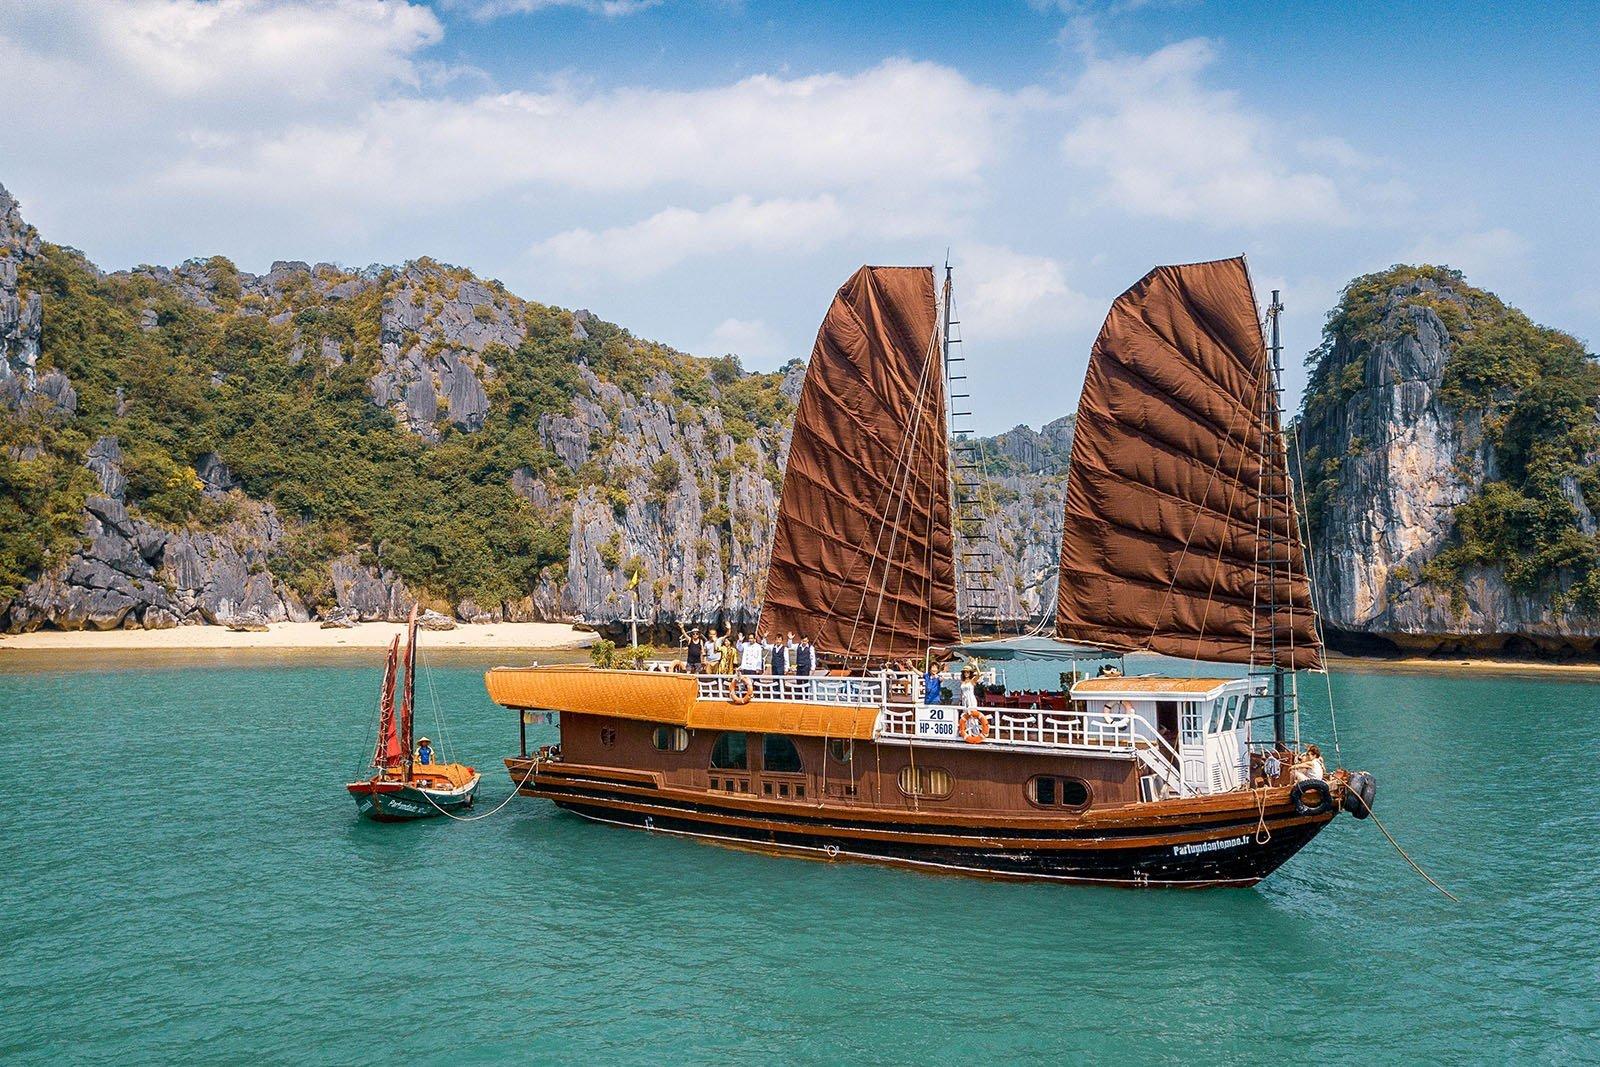 Bateau à voile de Parfum d'Automne naviguant par beau temps dans la Baie de Lan Ha au Vietnam